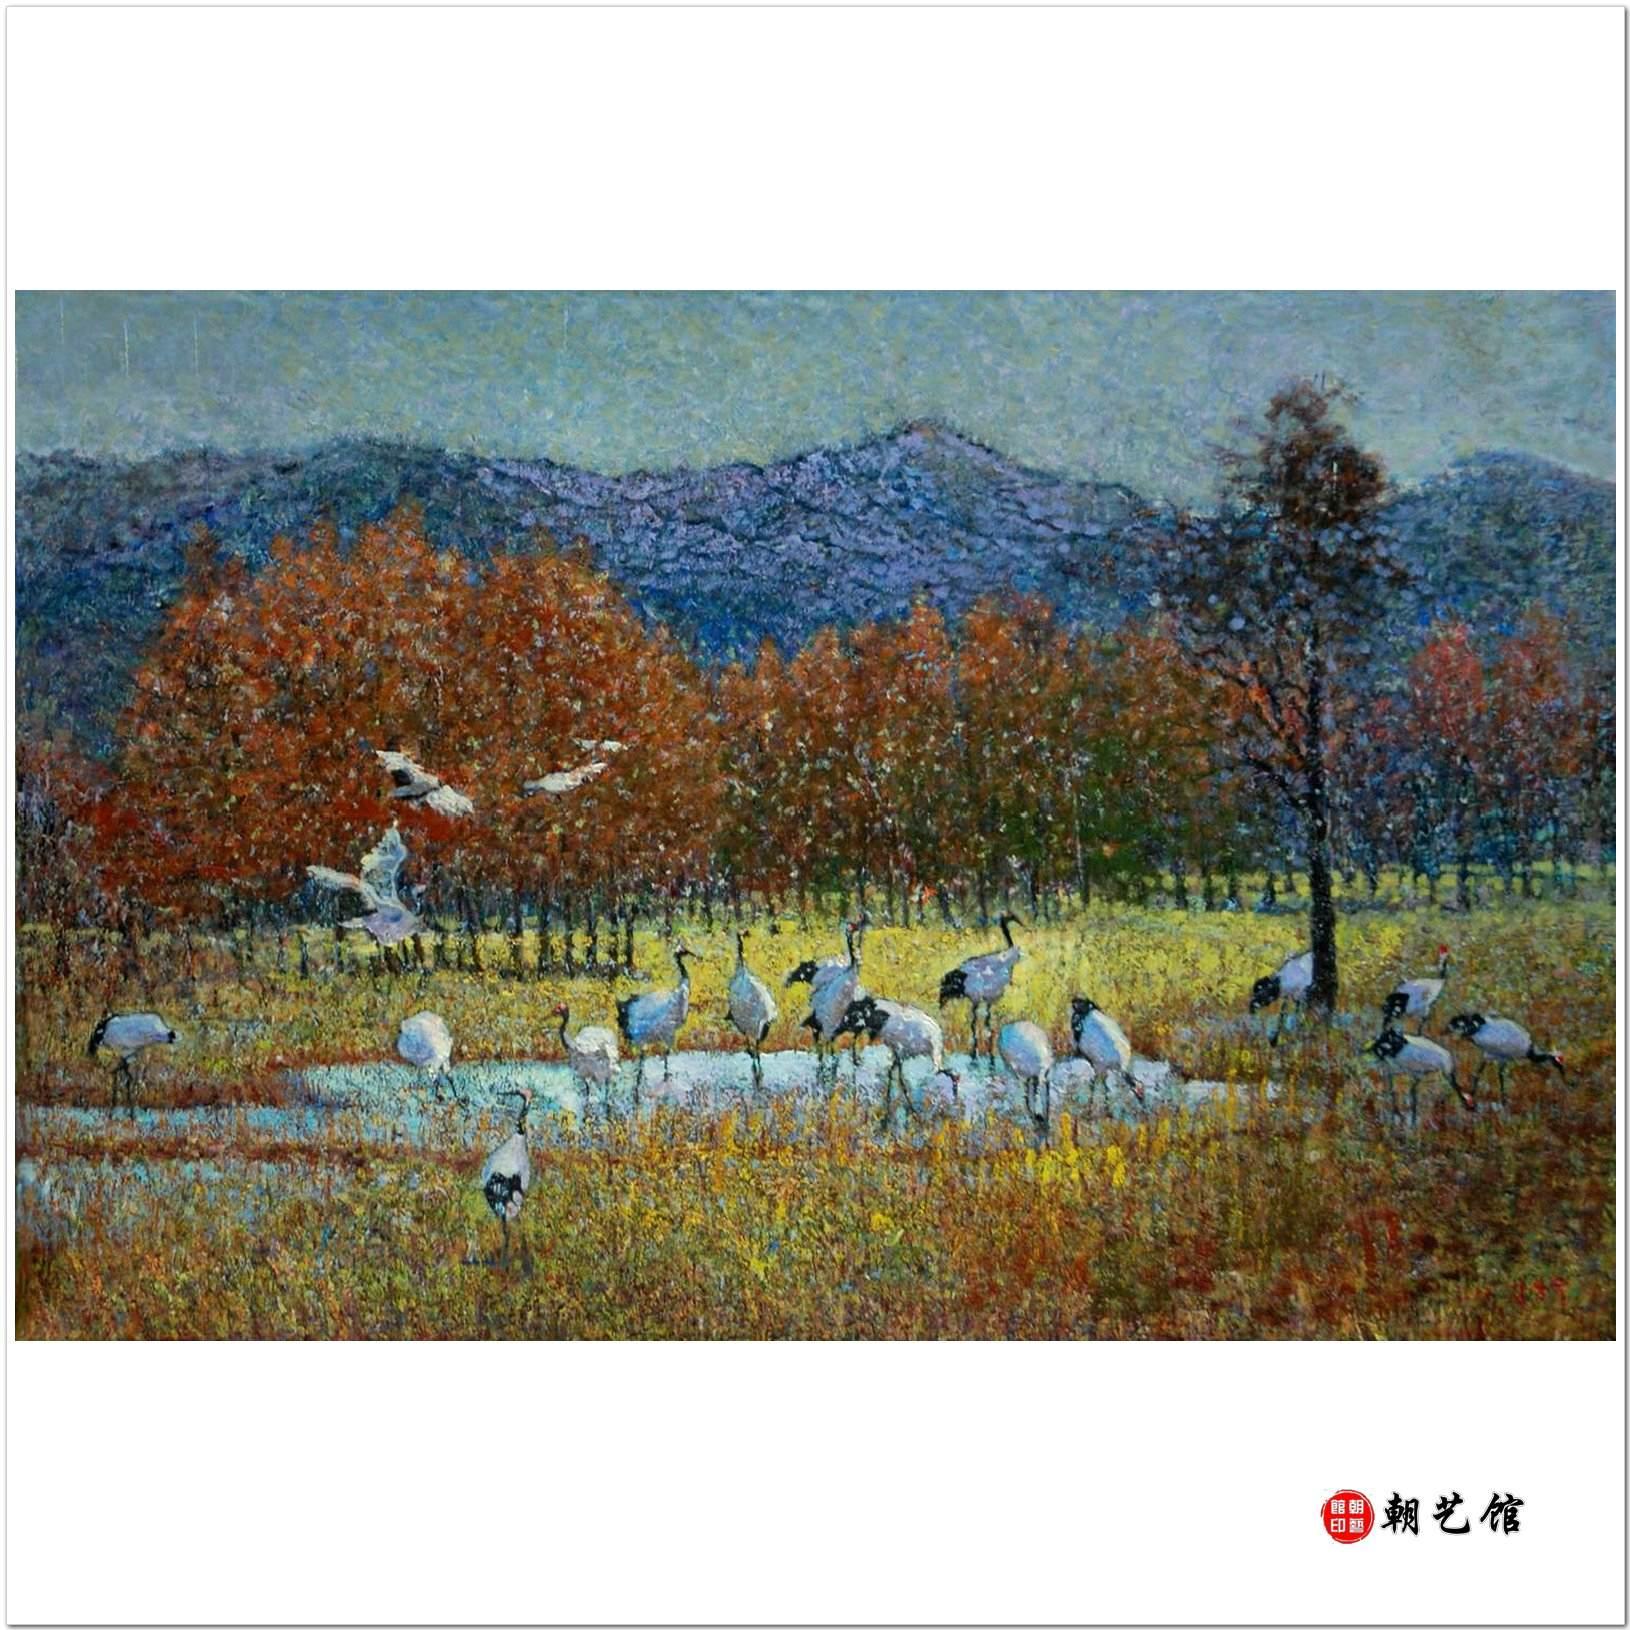 金相淑《家园》朝鲜风景油画